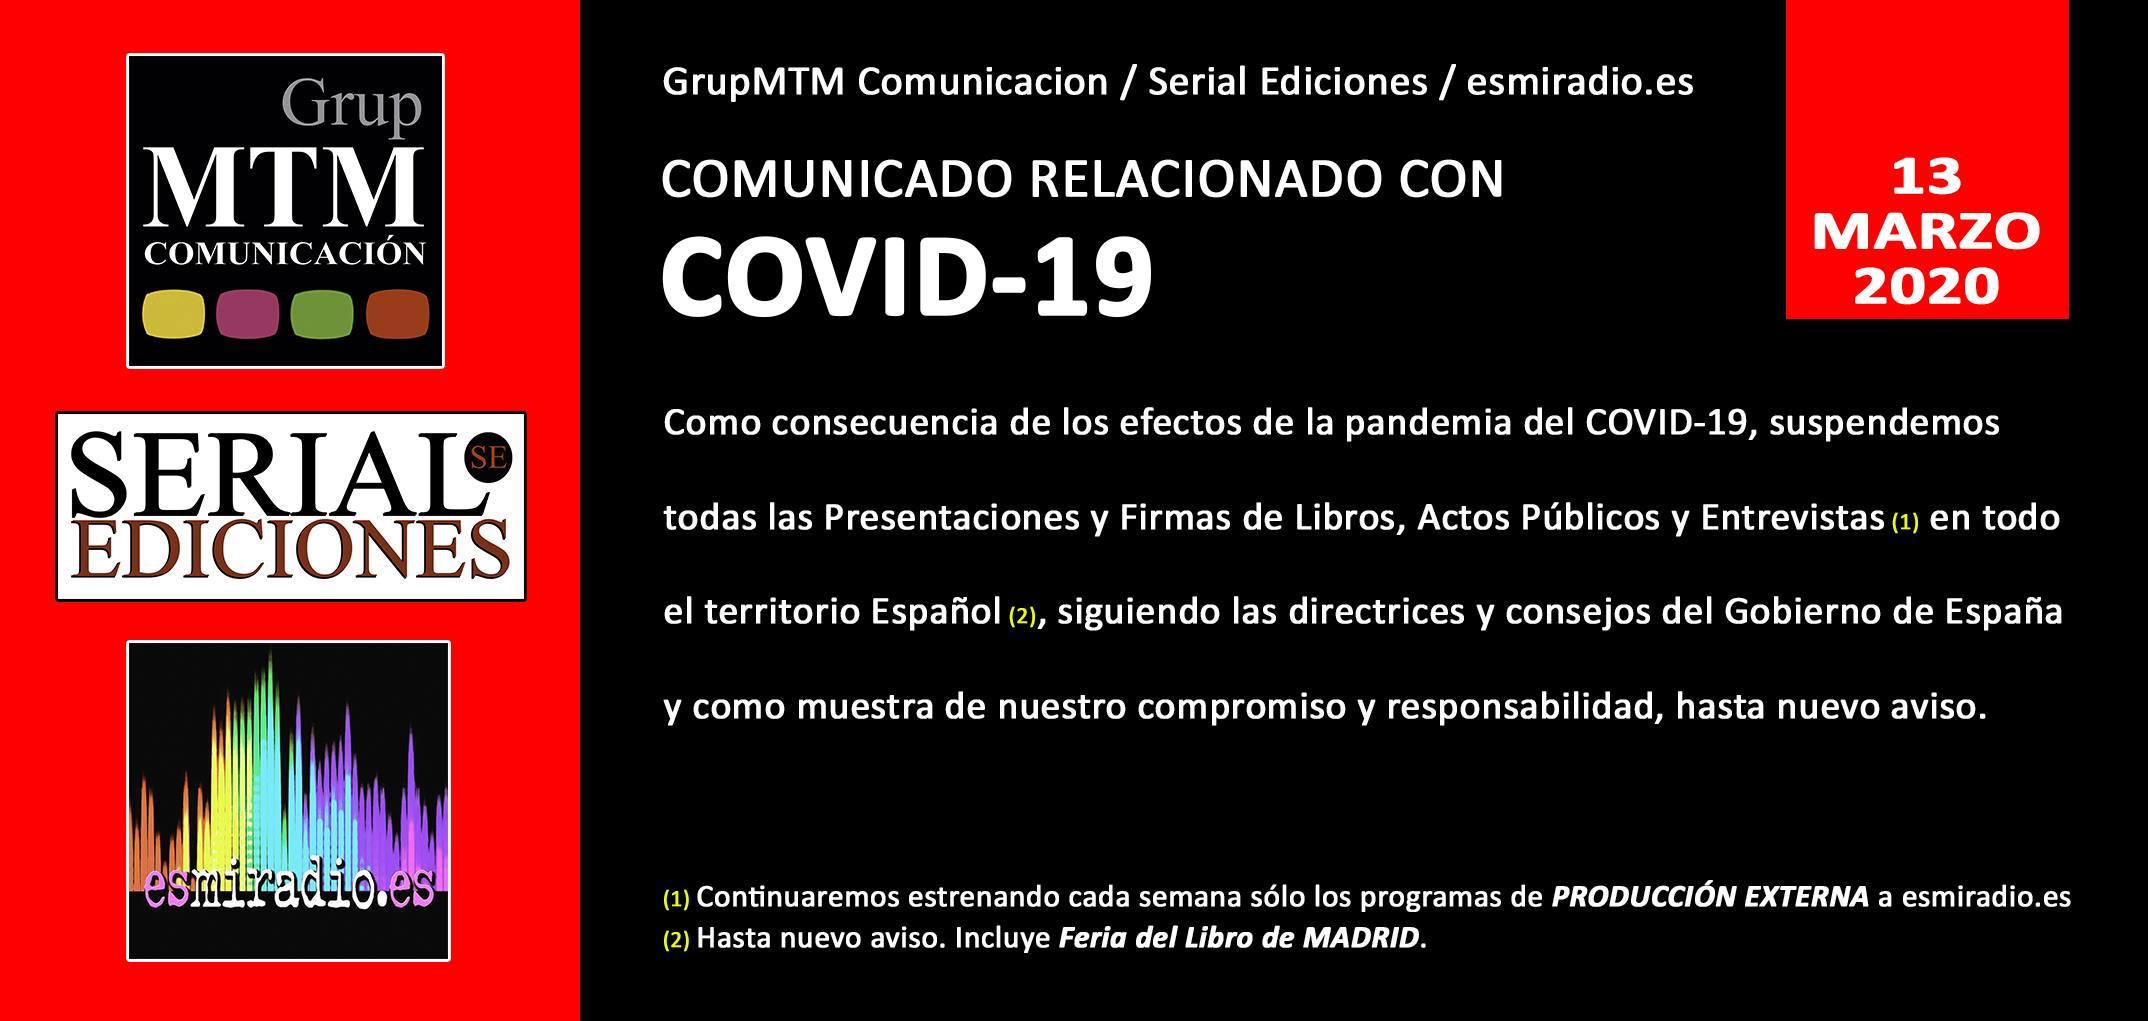 Comunicado Covid-19 GrupMTM Comunicación